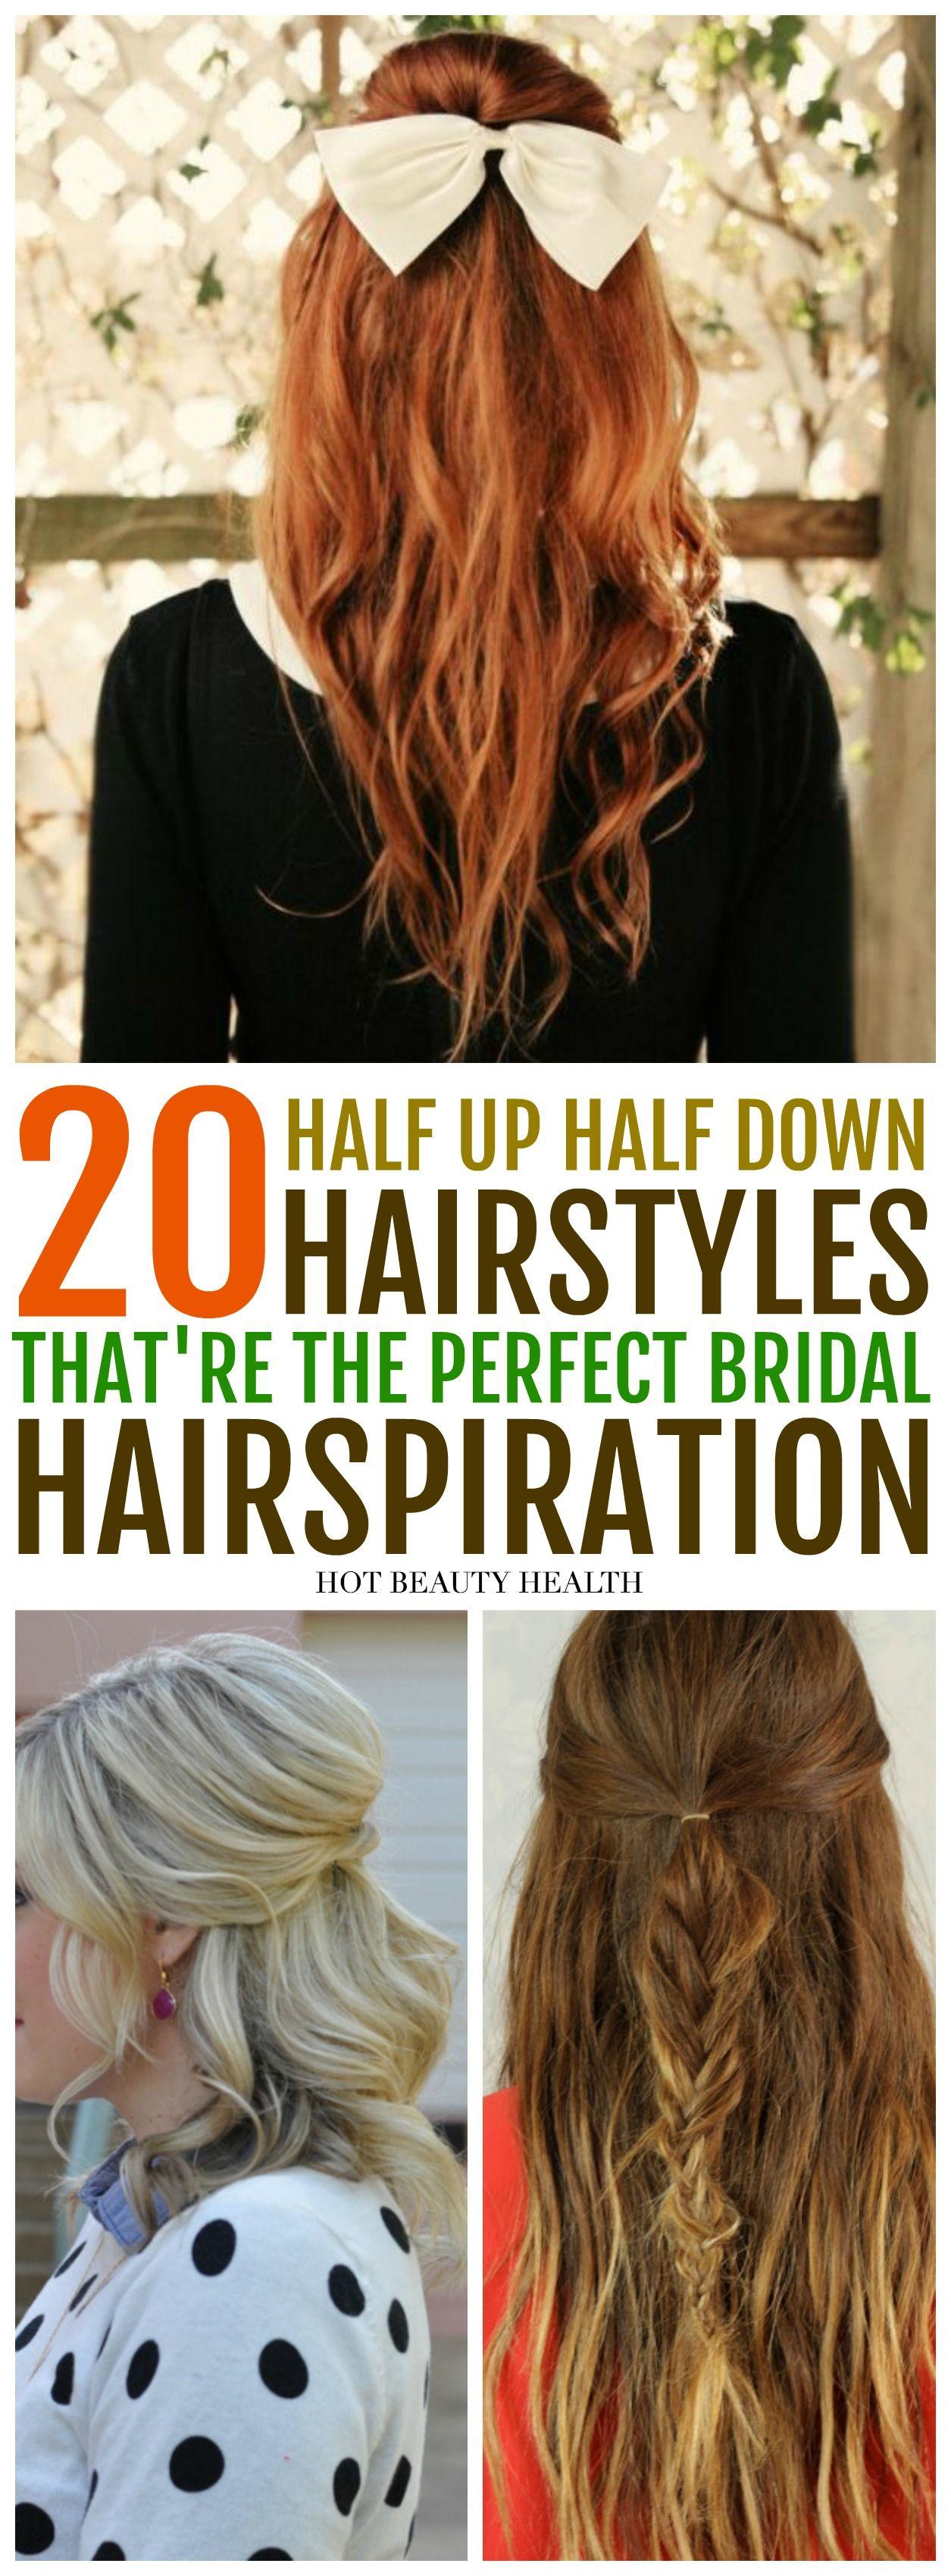 20 Beautiful Half Up Half Down Hairstyles Frisuren Offene Haare Frisuren Langhaar Lange Hochzeit Frisuren